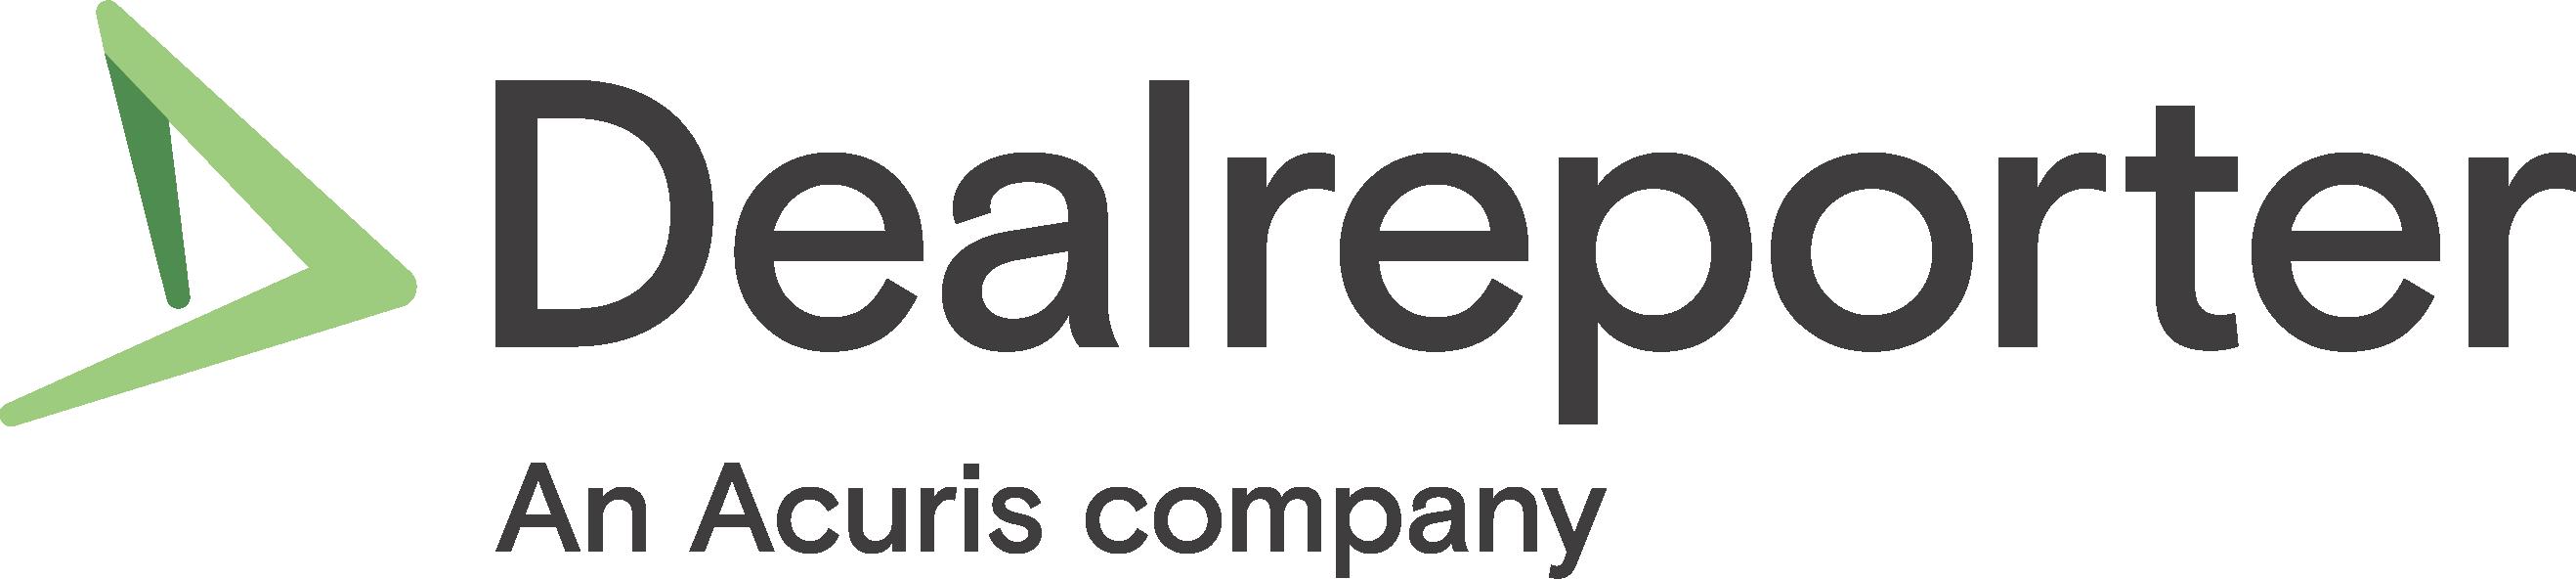 Dealreporter Logo